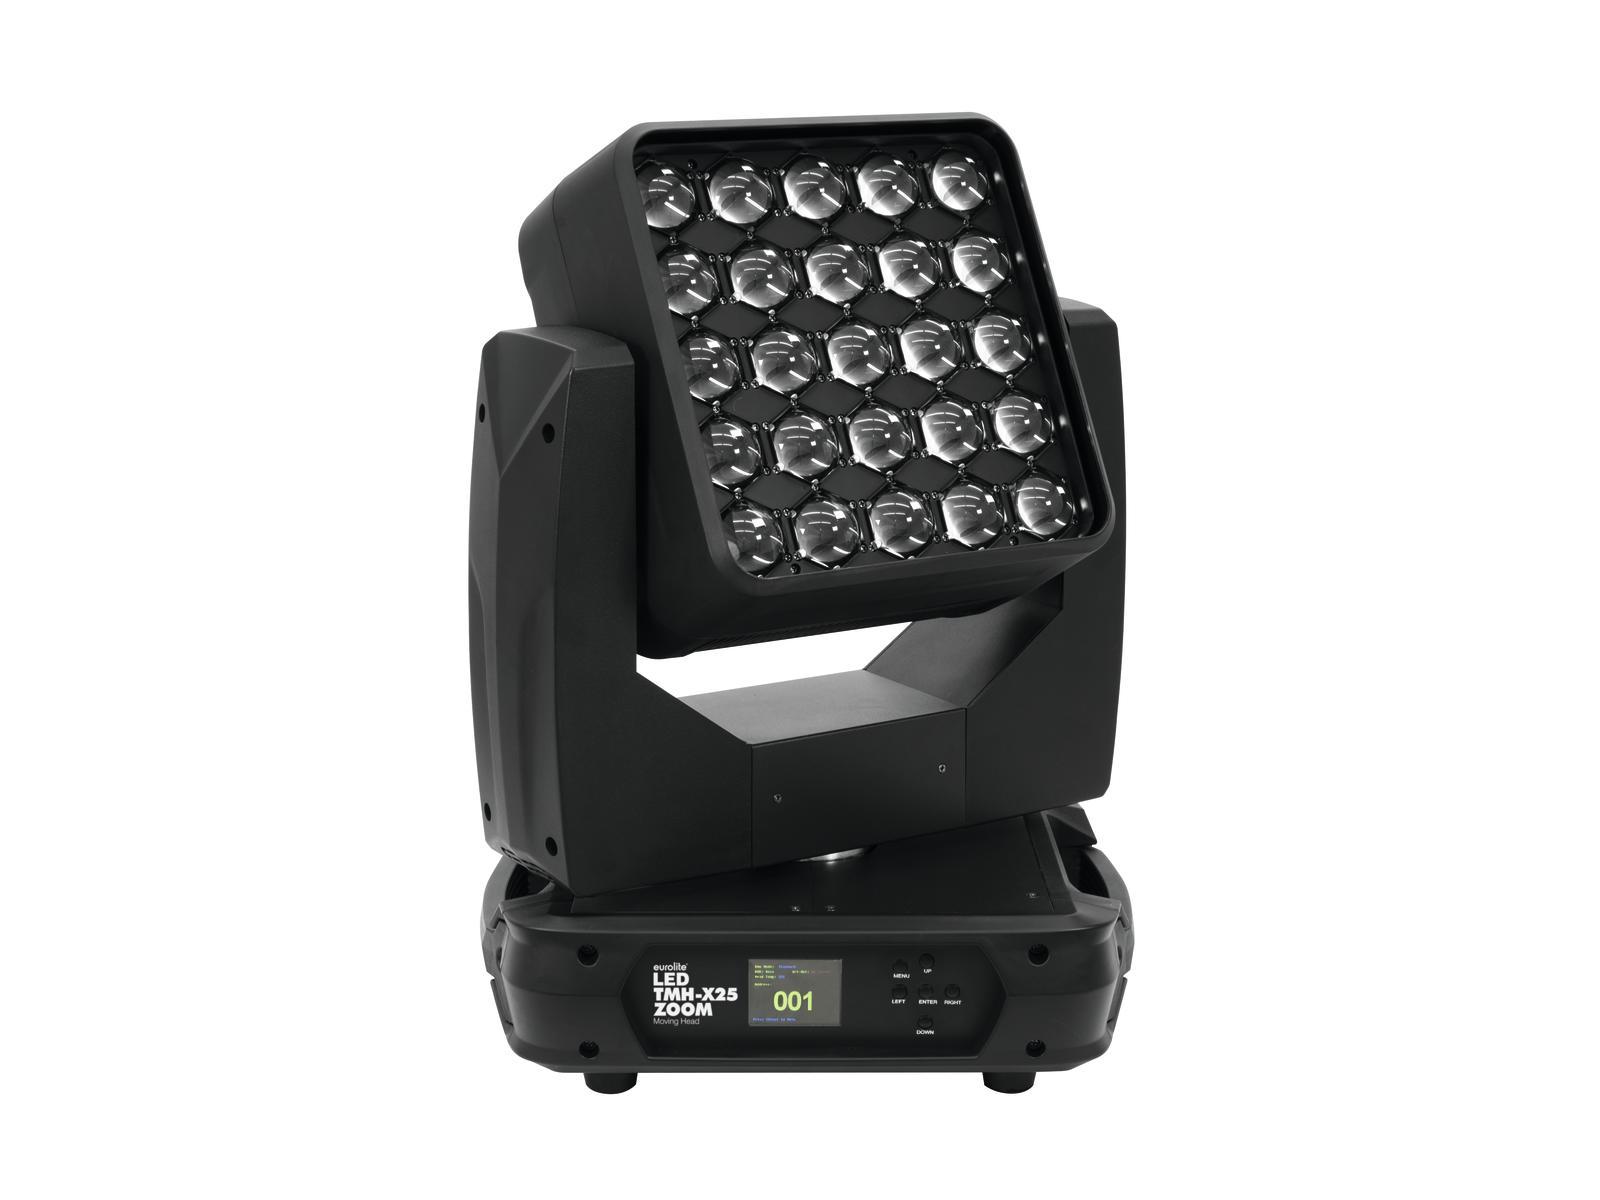 eurolite-led-tmh-x25-zoom-moving-head